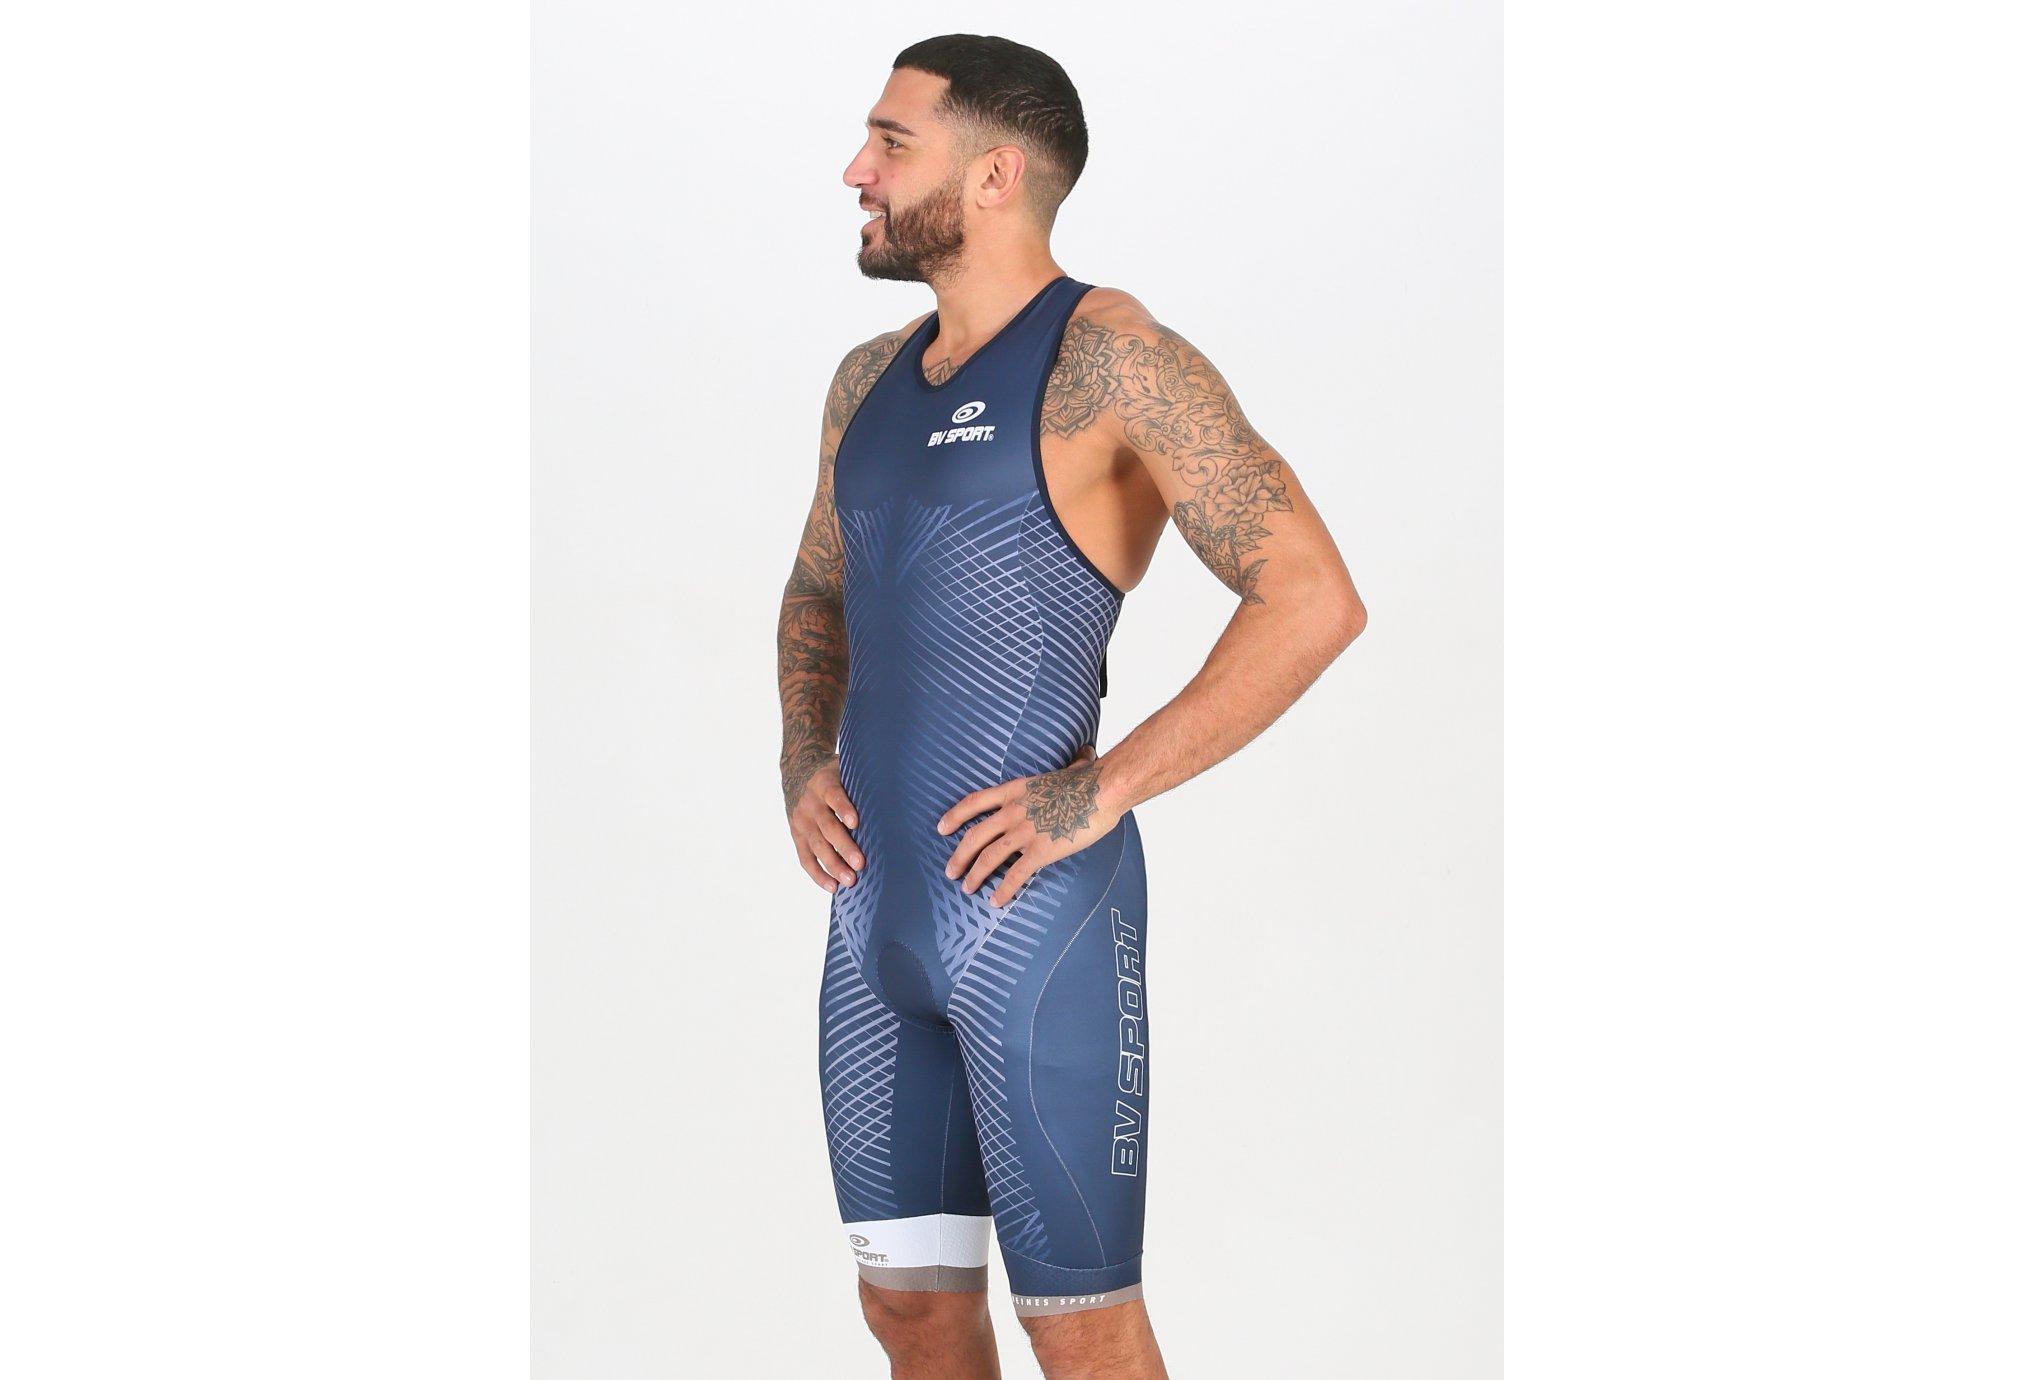 BV Sport Combinaison Triathlon 3x100 M vêtement running homme